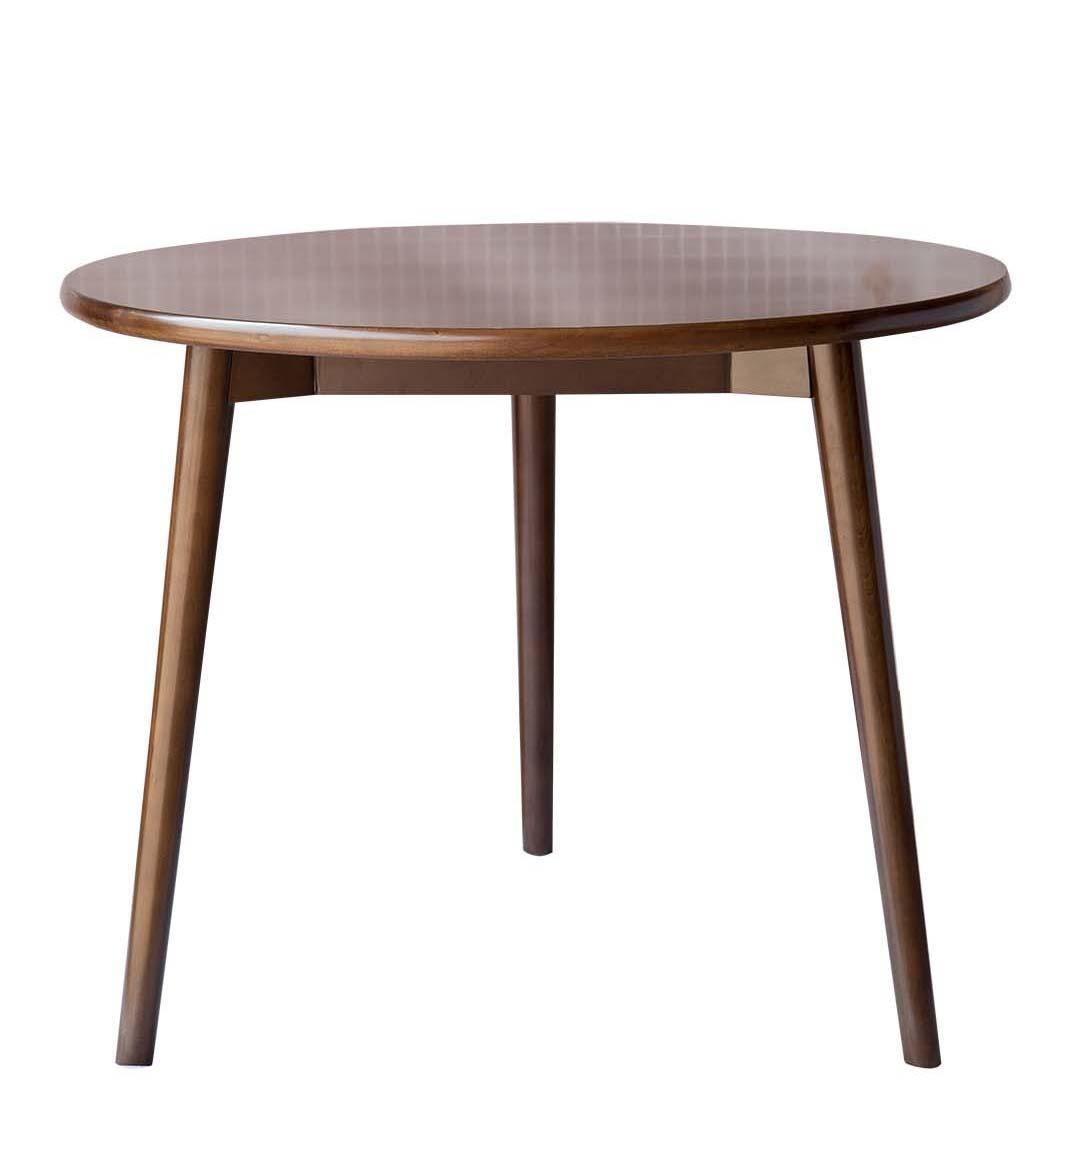 餐厅 餐桌 茶几 家具 装修 桌 桌椅 桌子 1068_1153图片